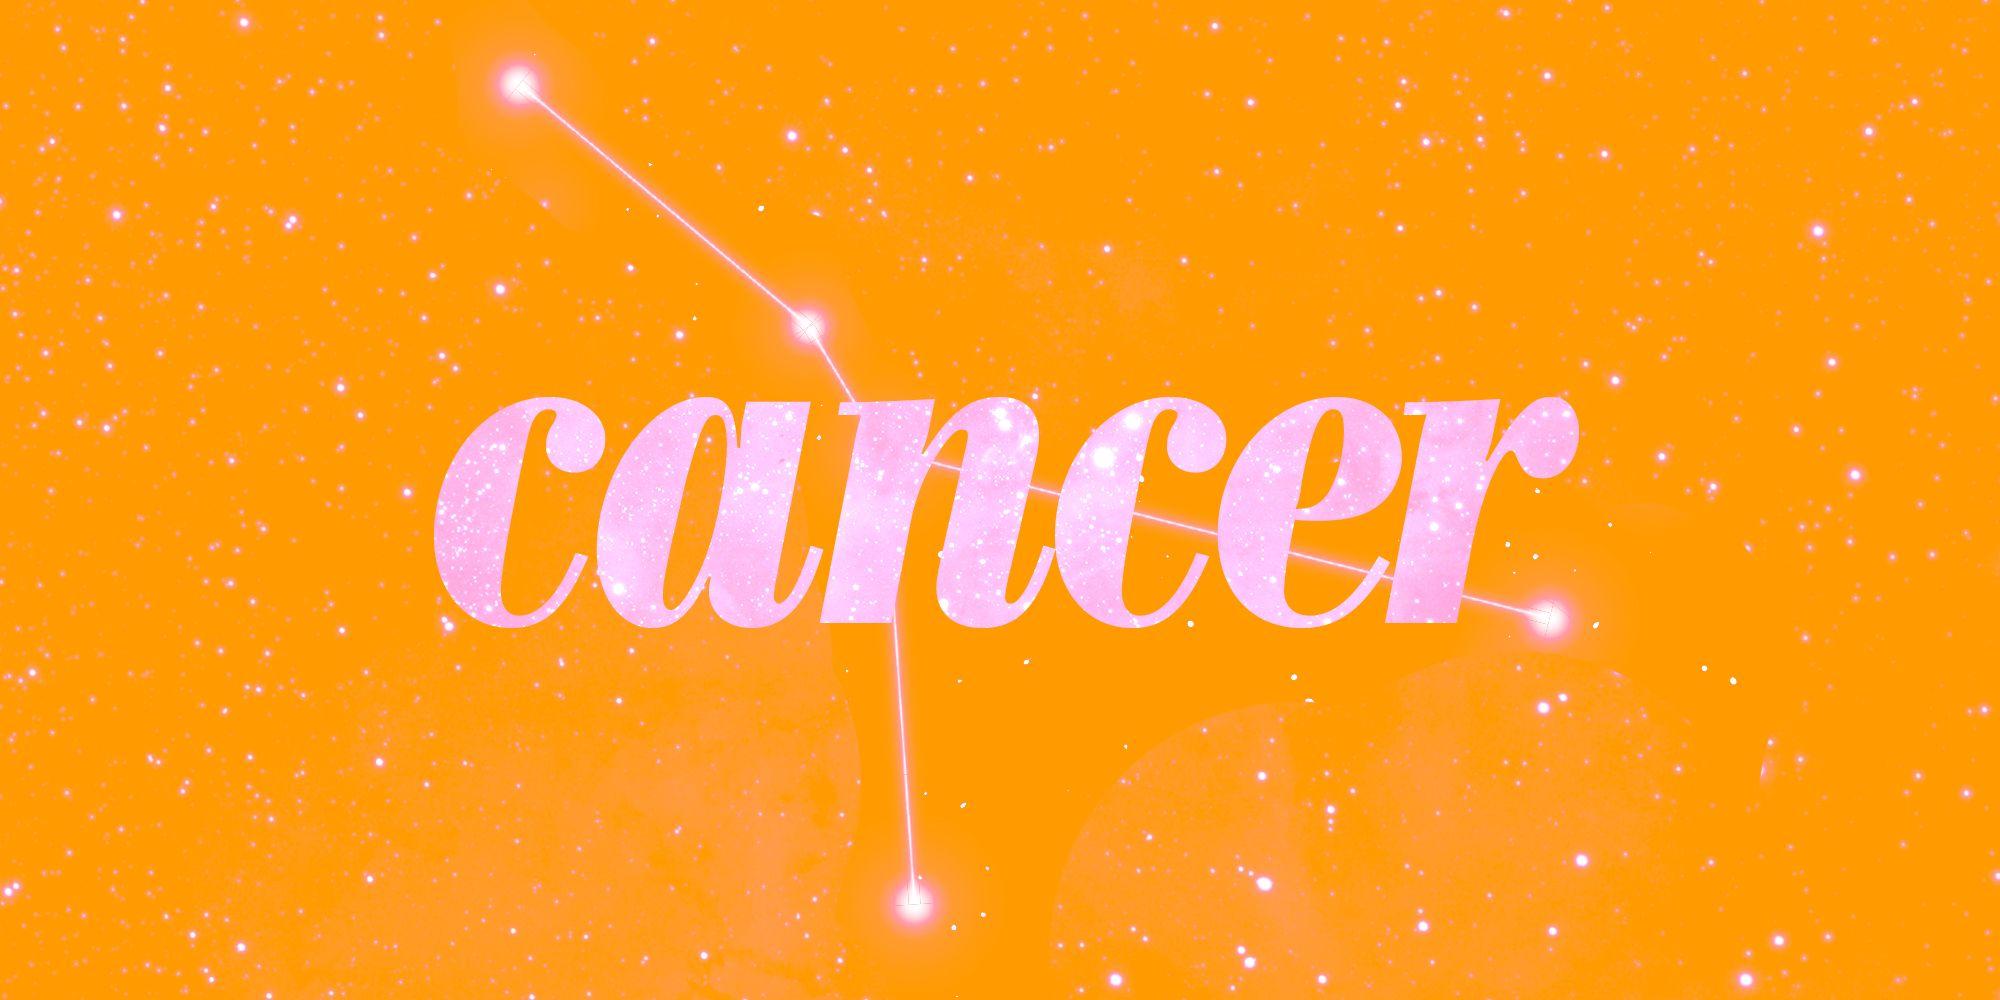 cosmo horoscope december 12